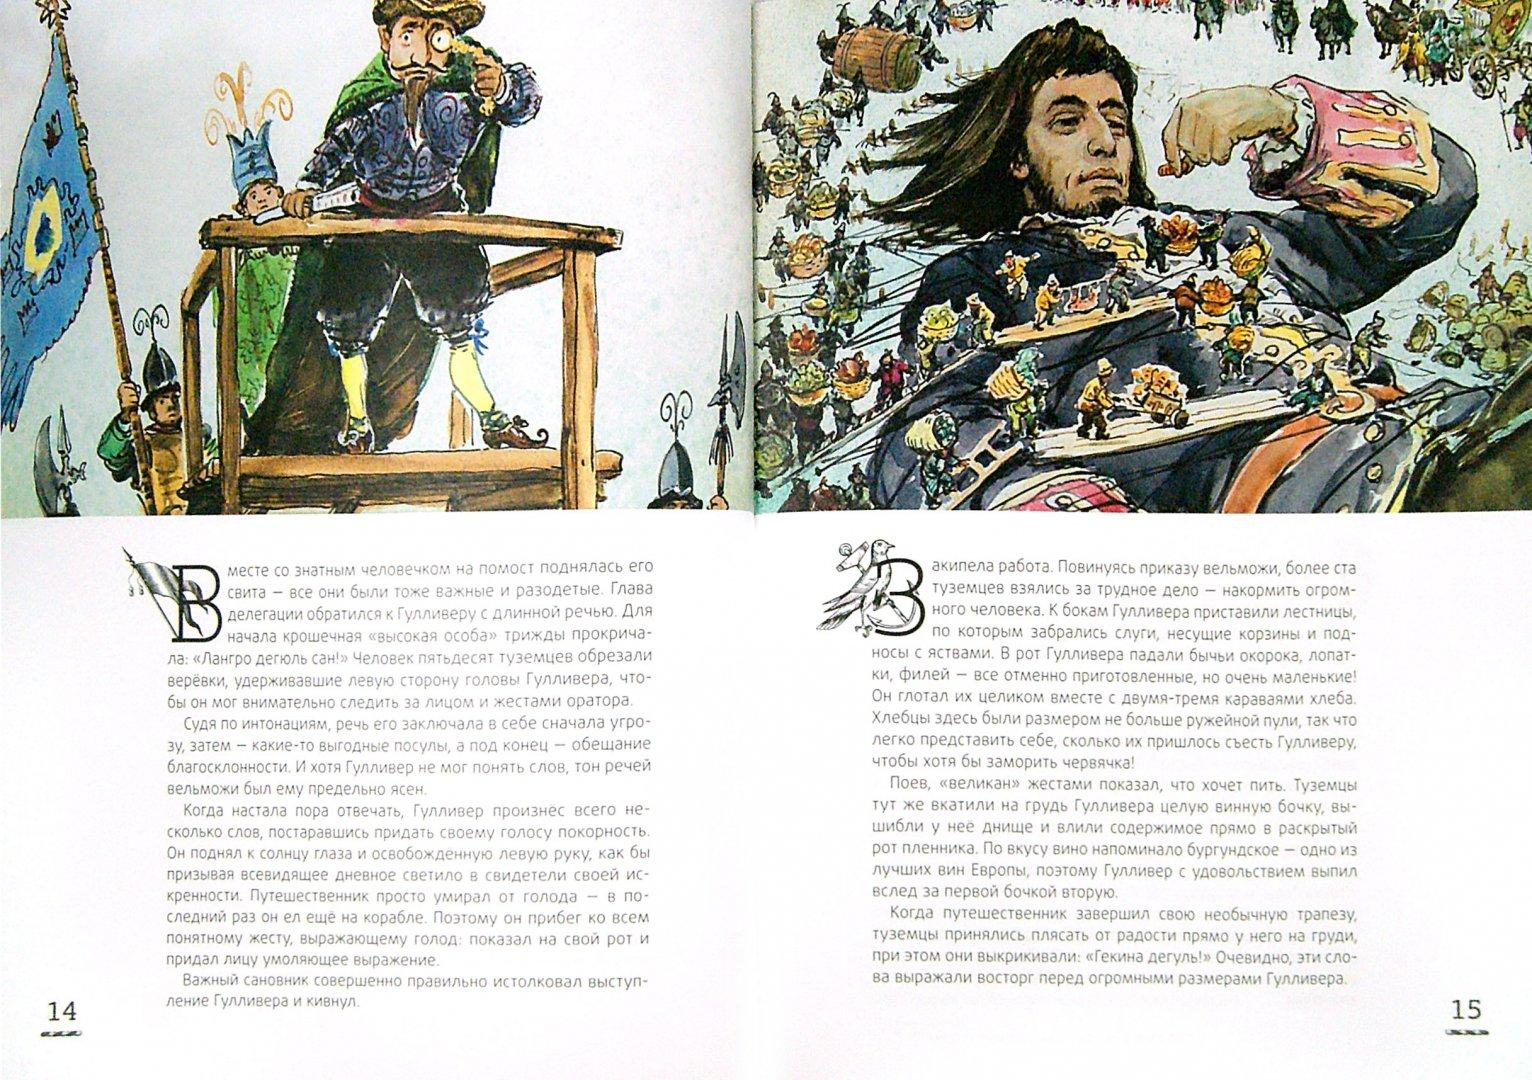 Иллюстрация 1 из 15 для Путешествие Гулливера - Джонатан Свифт   Лабиринт - книги. Источник: Лабиринт